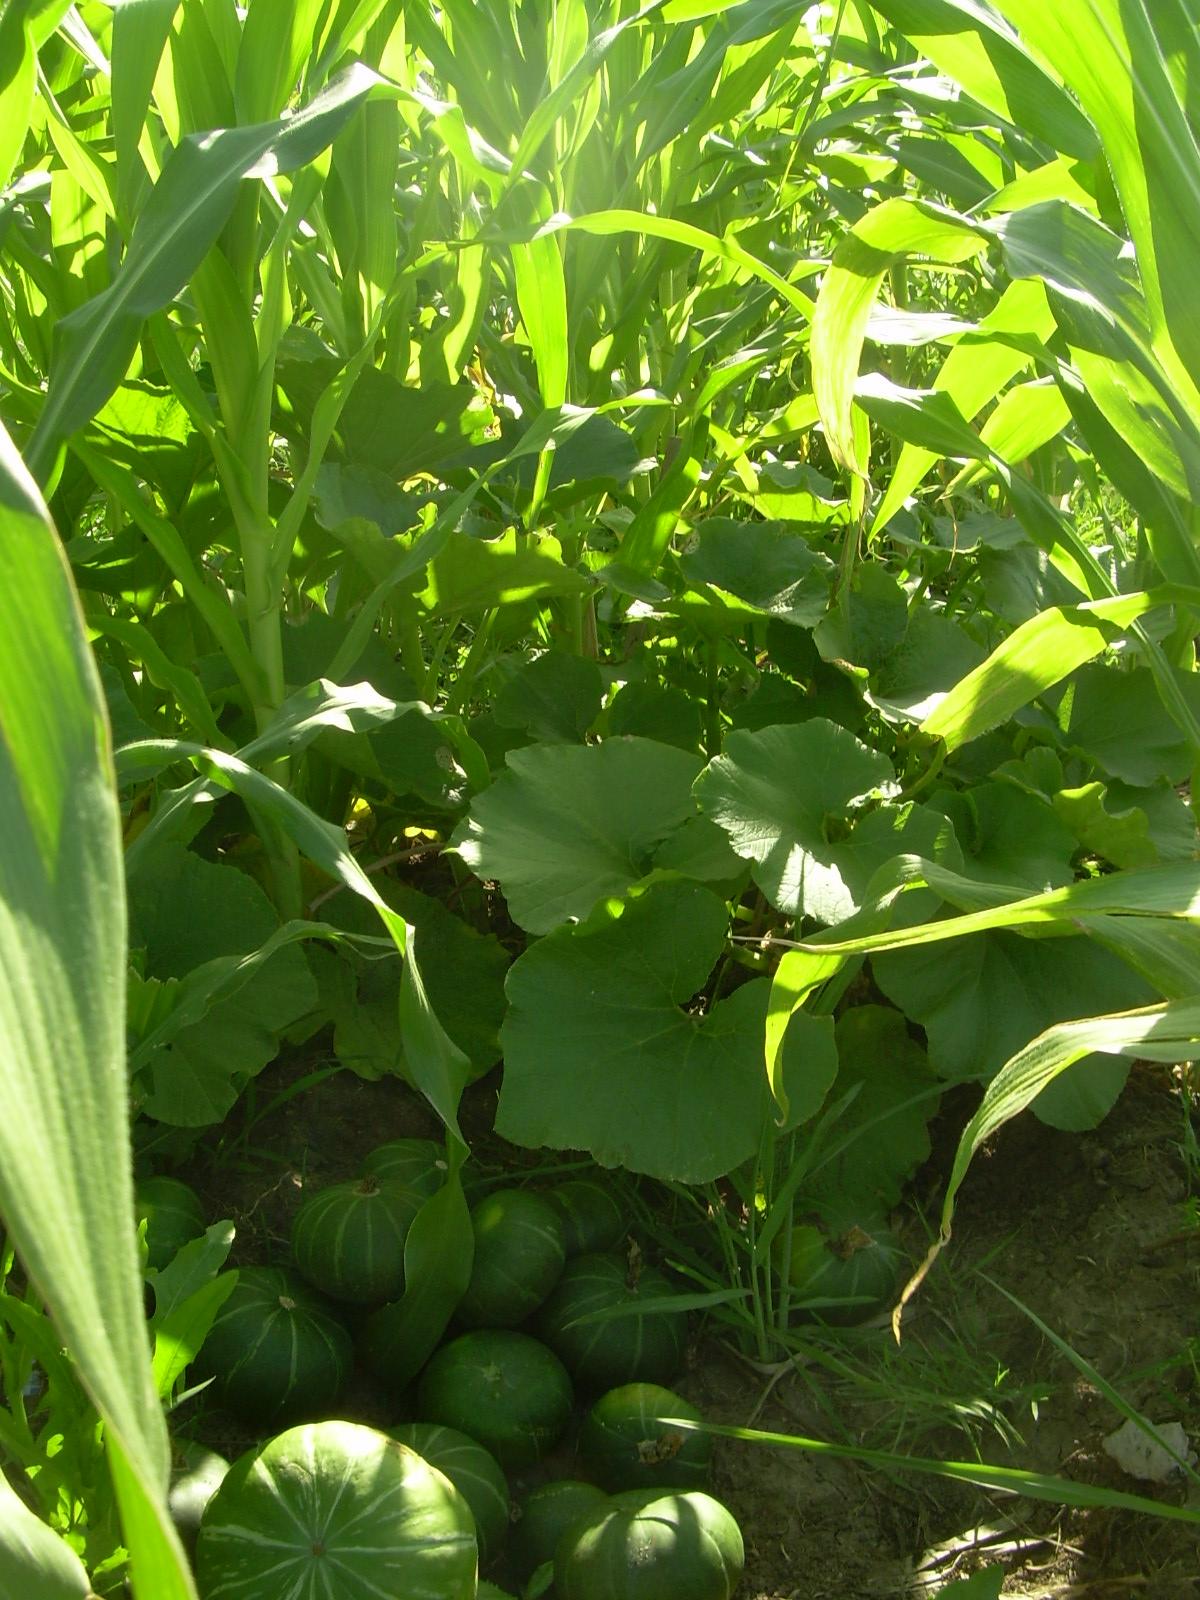 Cetaar talleres en el cetaar plantas medicinales y for Plantas para huerta organica